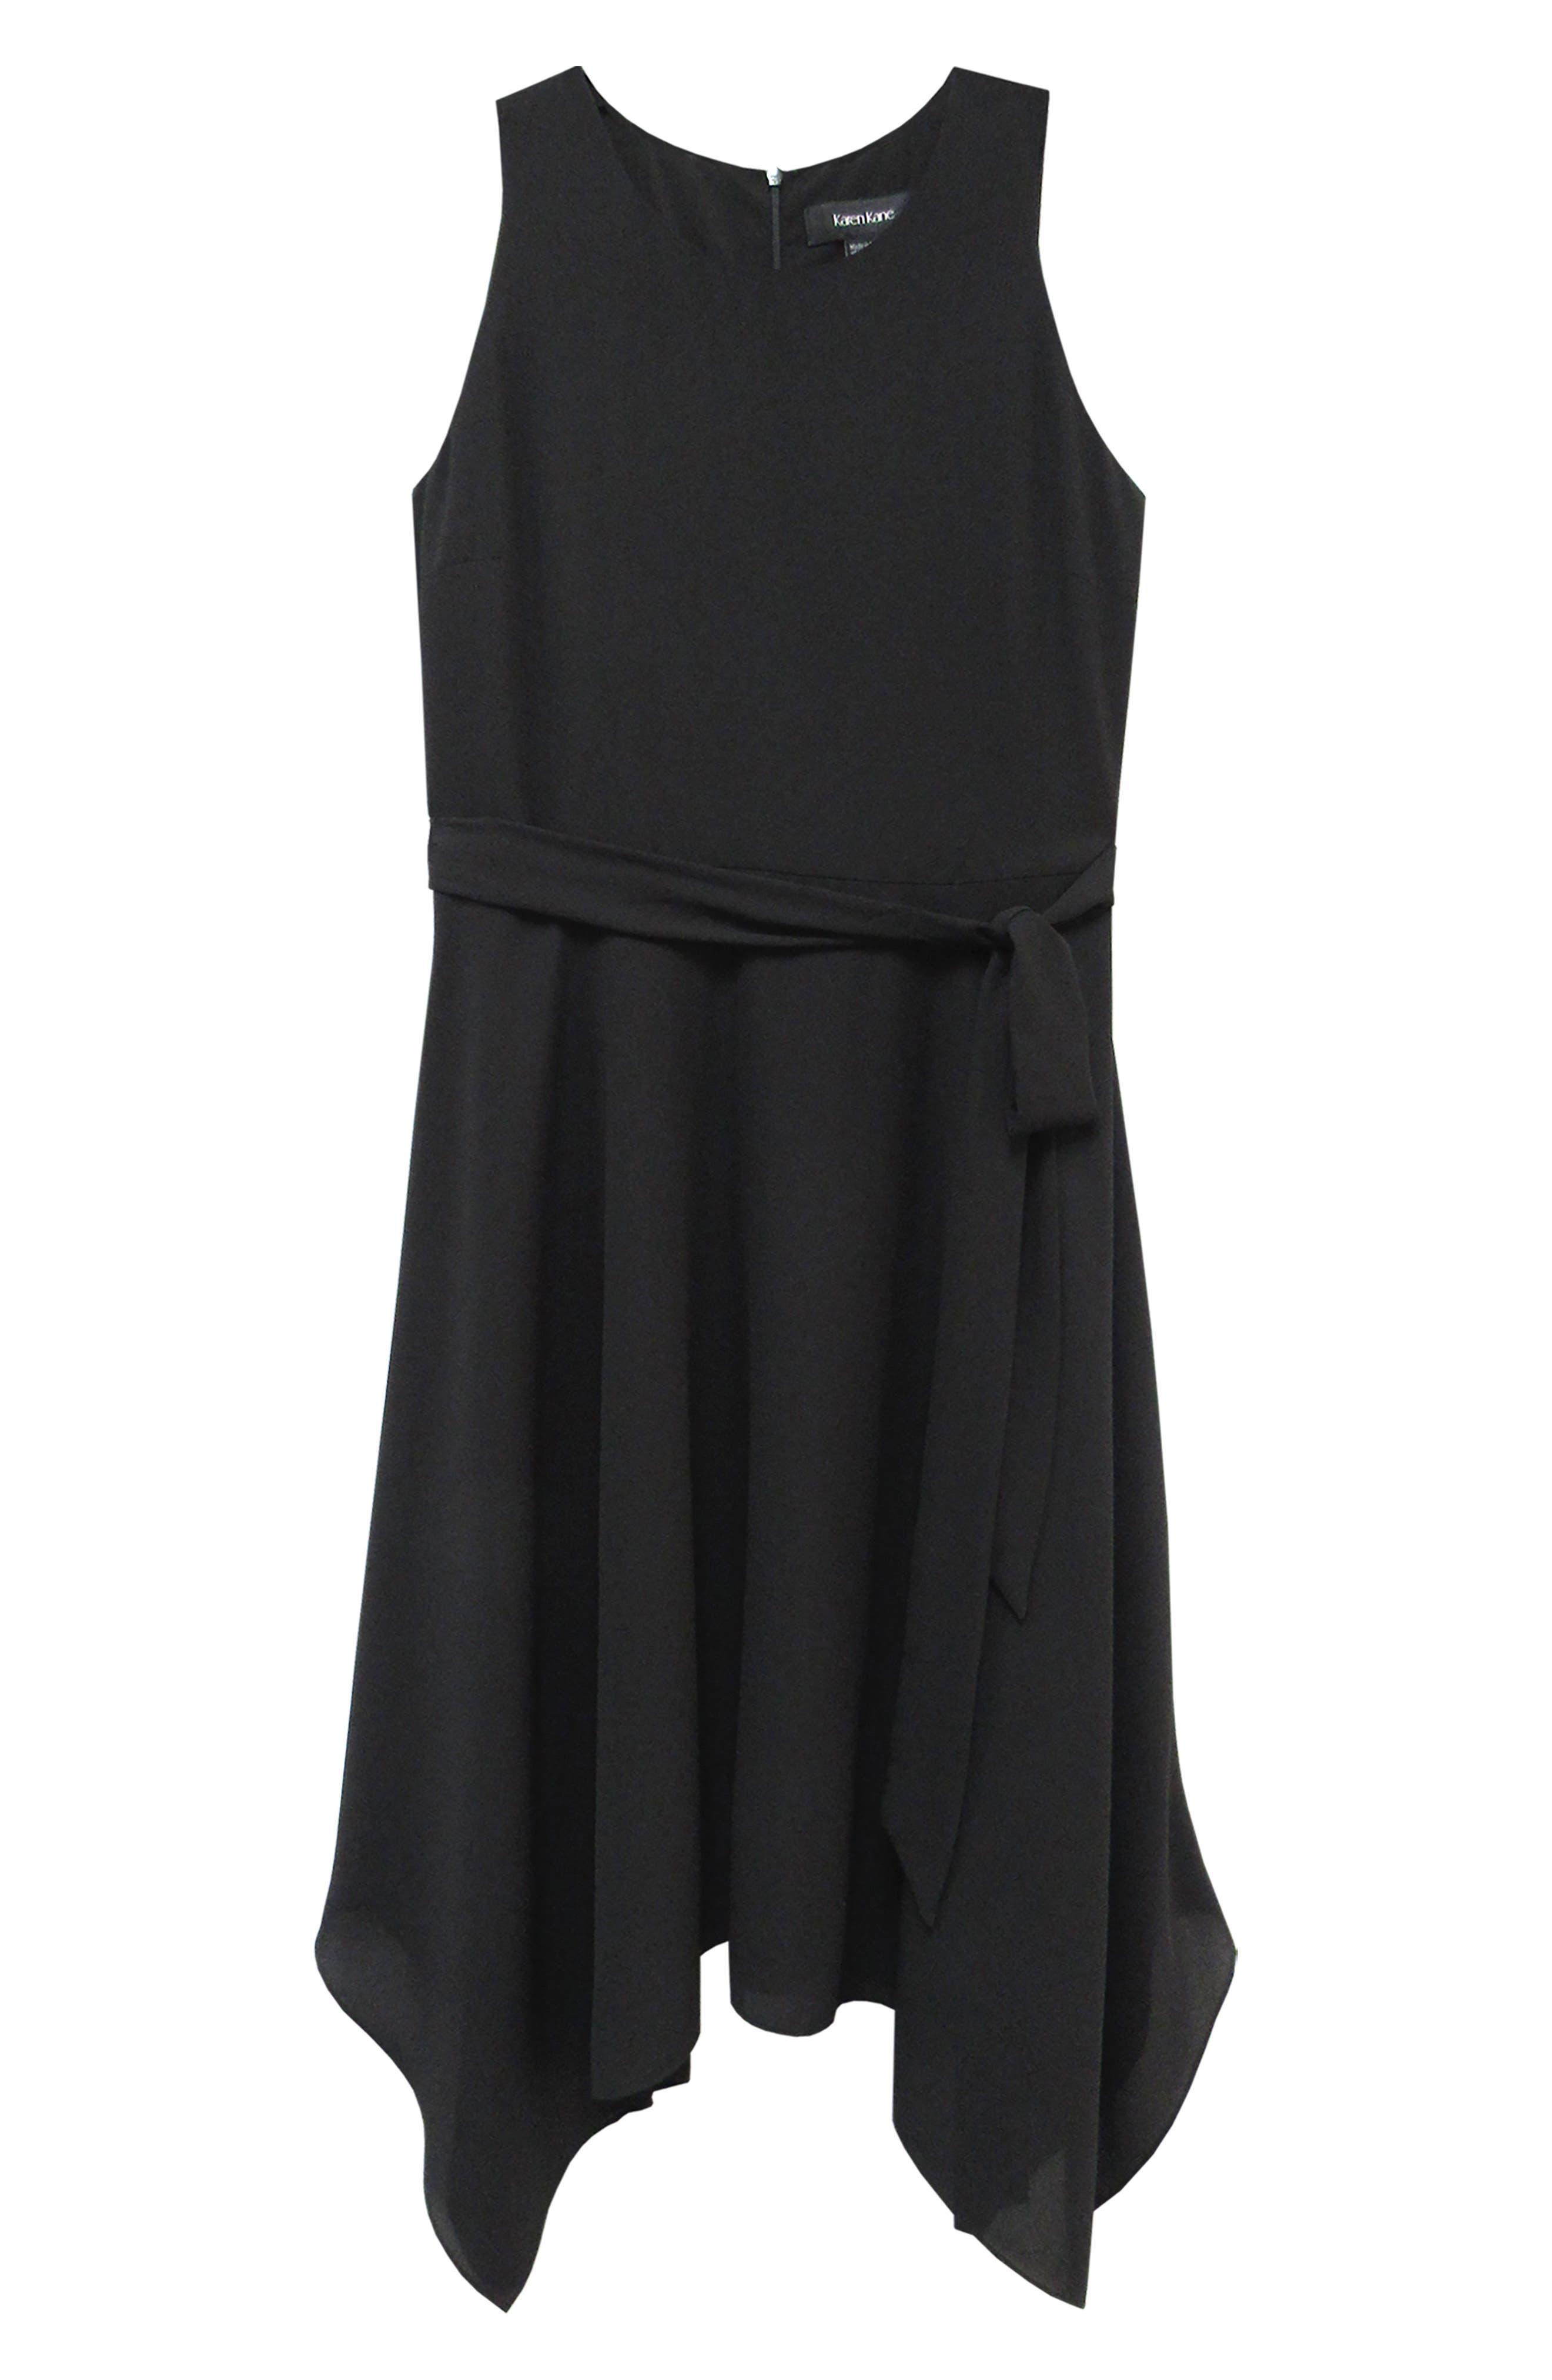 KAREN KANE, Sleeveless Handkerchief Hem Dress, Alternate thumbnail 3, color, BLACK